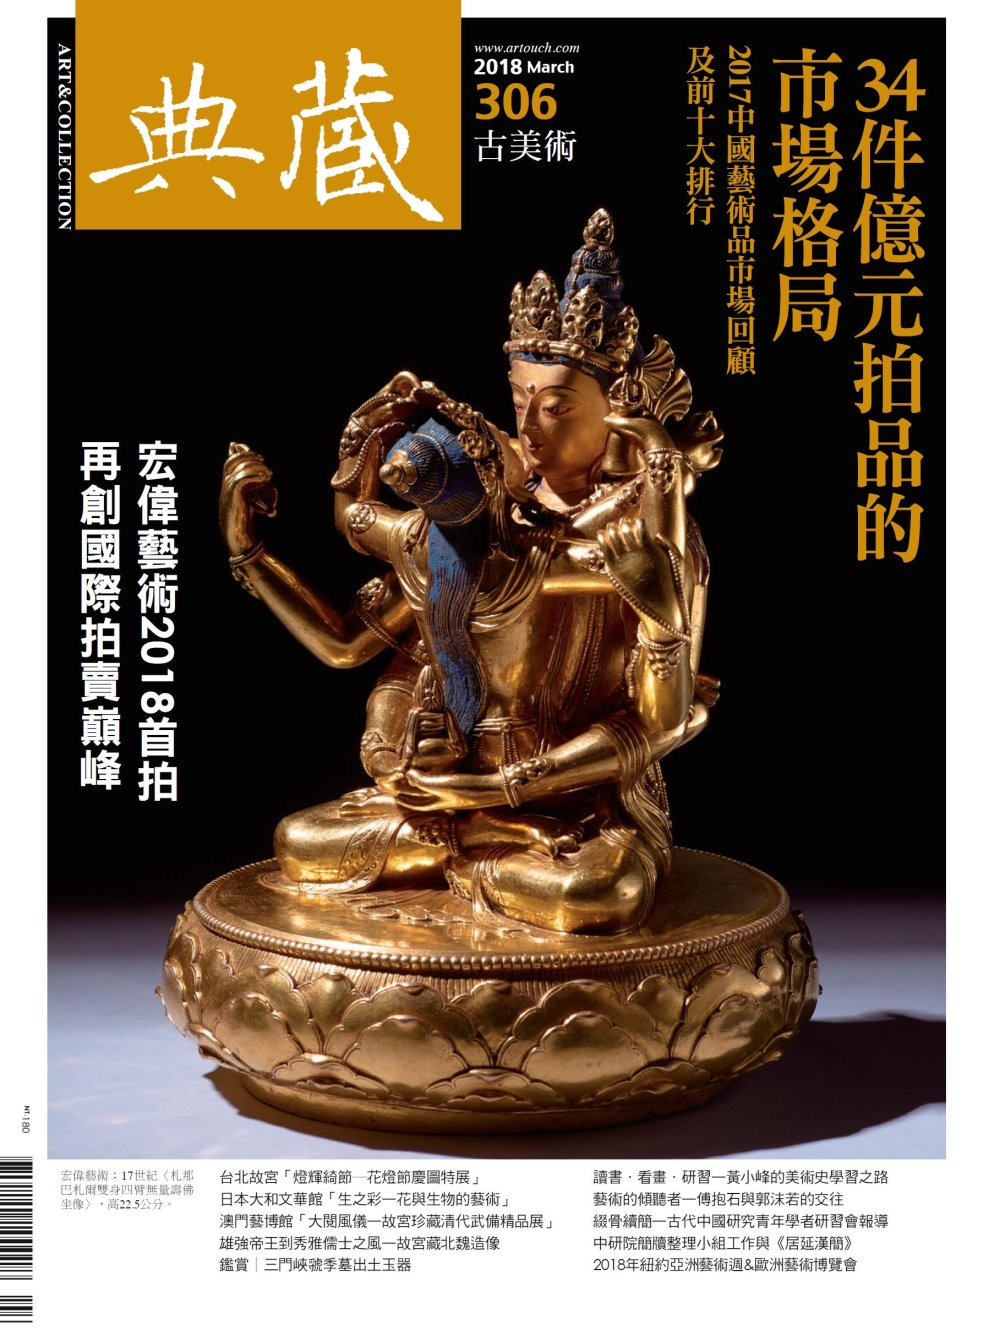 典藏古美術 3月號/2018 第306期